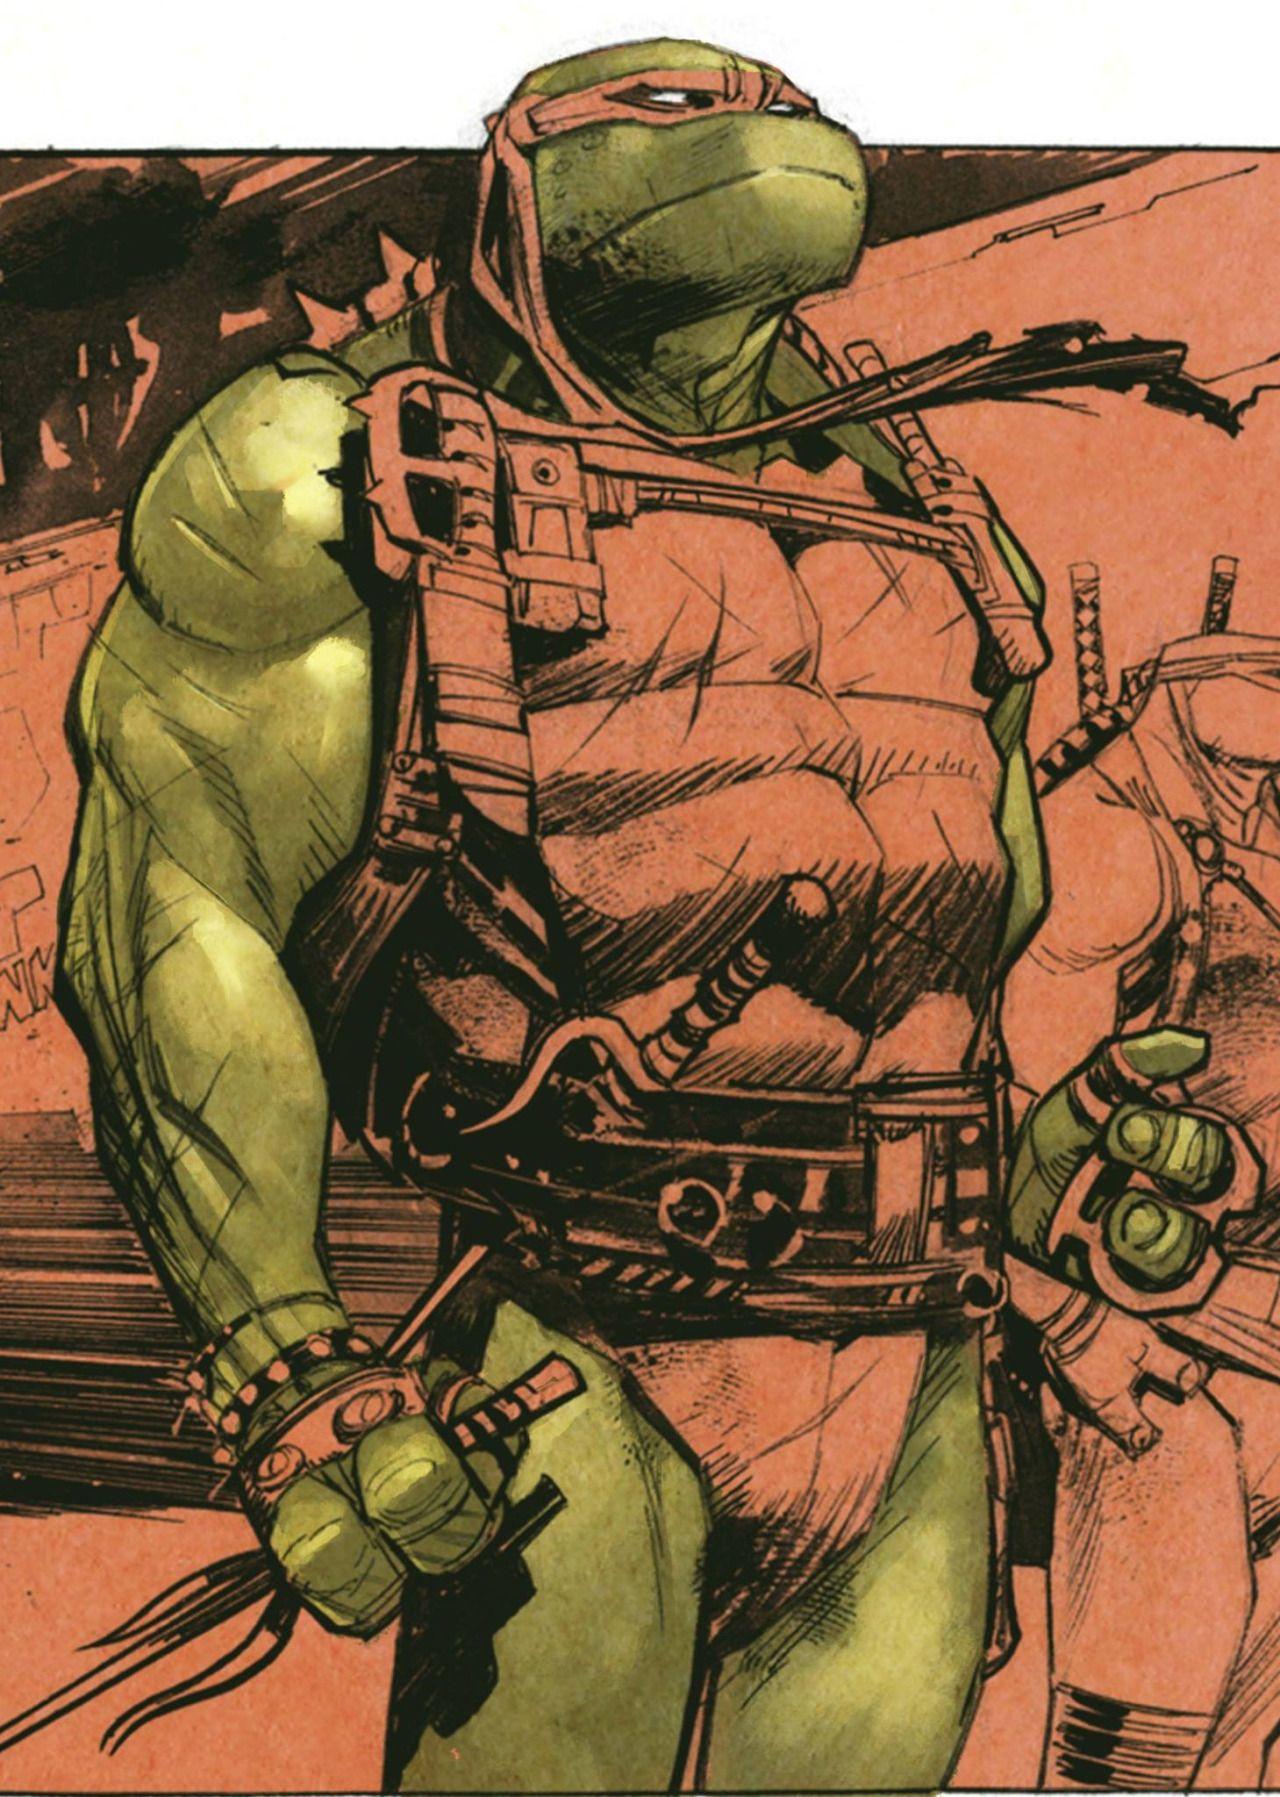 teeange mutant ninja turtles raphael by sean murphy colours by